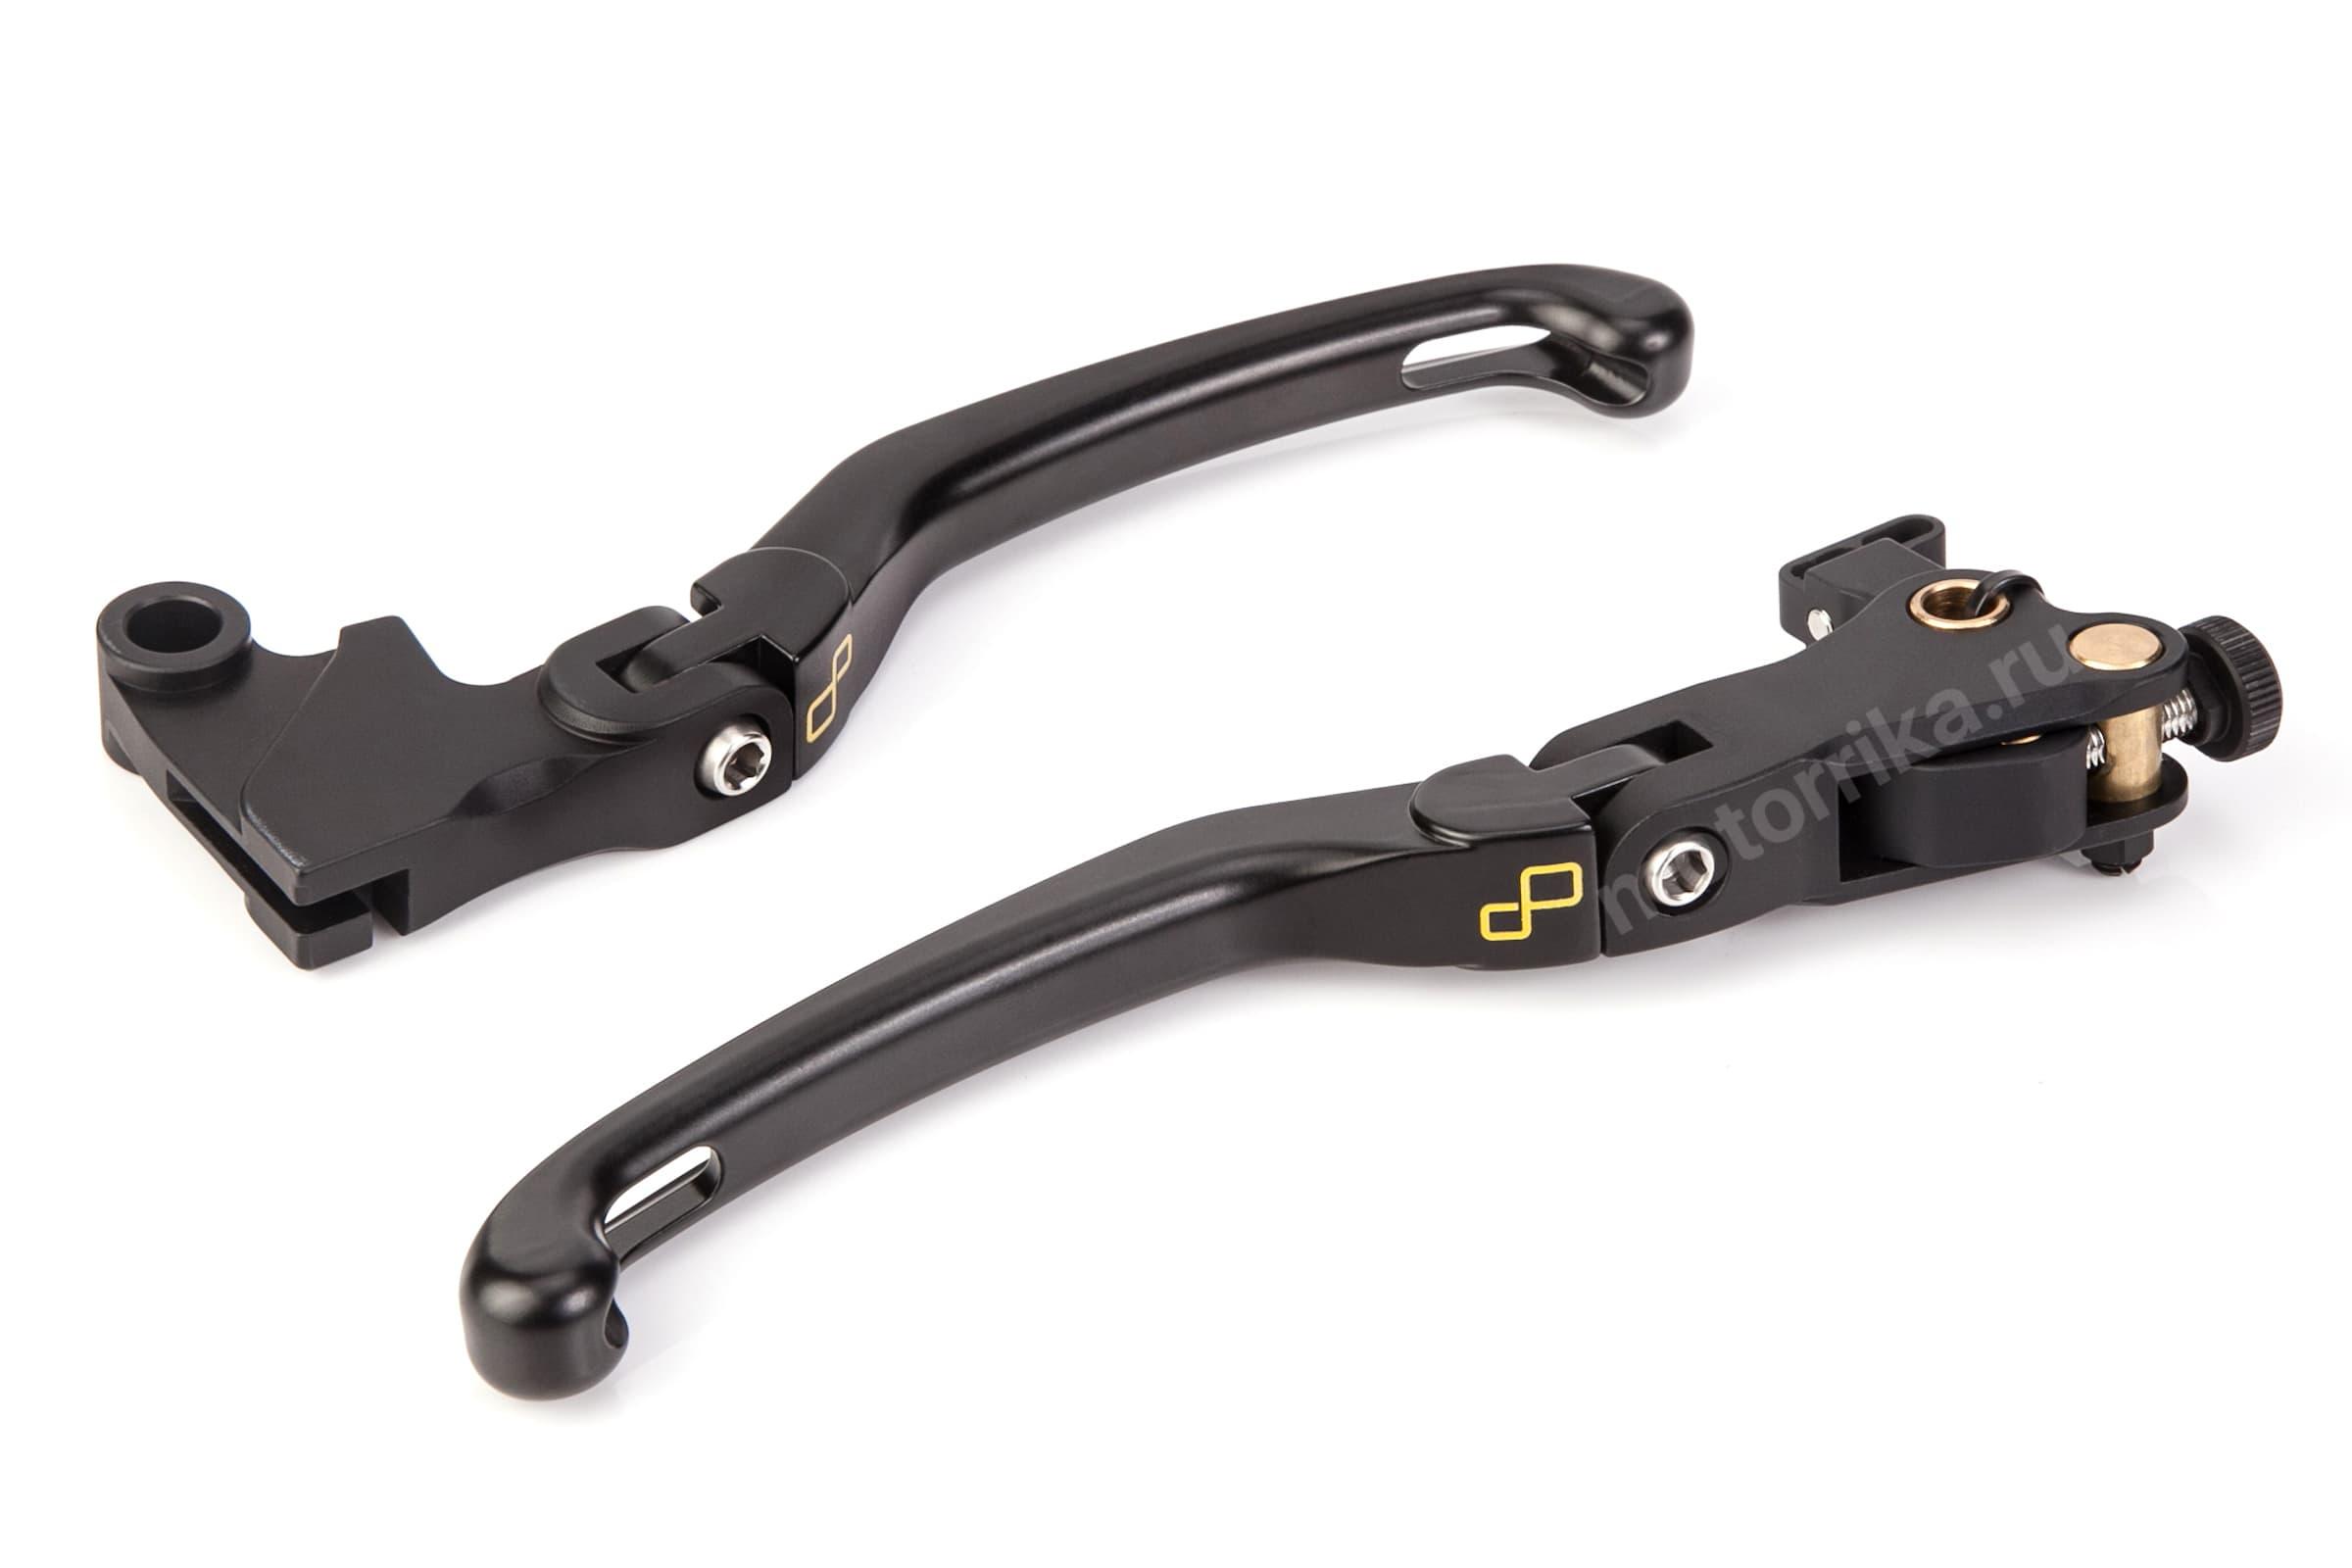 Комплект рычагов Lightech для Suzuki GSX-R 600/750 06-17, GSX-R 1000 05-06, GSX-R 1000 09-20, GSX-S 1000 15-20